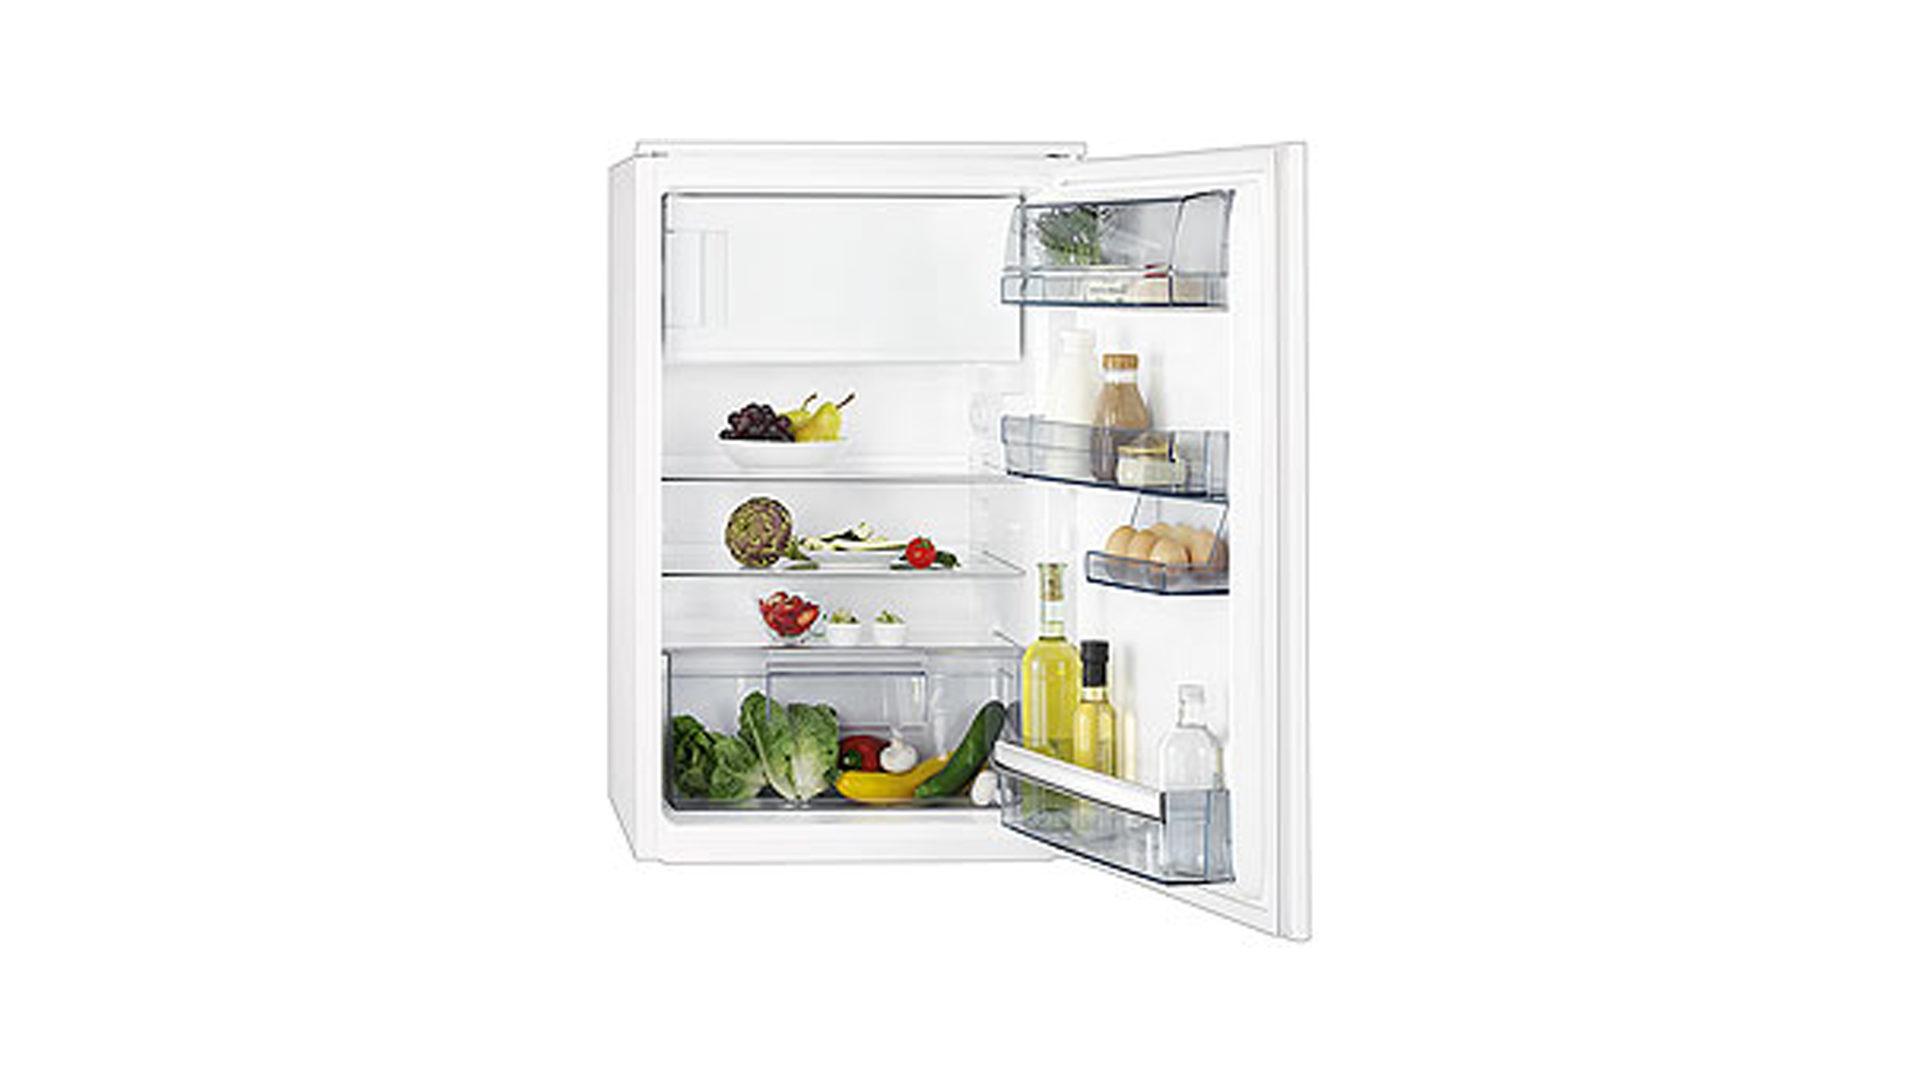 Aeg Kühlschrank Coolmatic Bedienungsanleitung : Wohnland breitwieser aeg geräte aeg aeg kühlschrank sd184zf2 mit